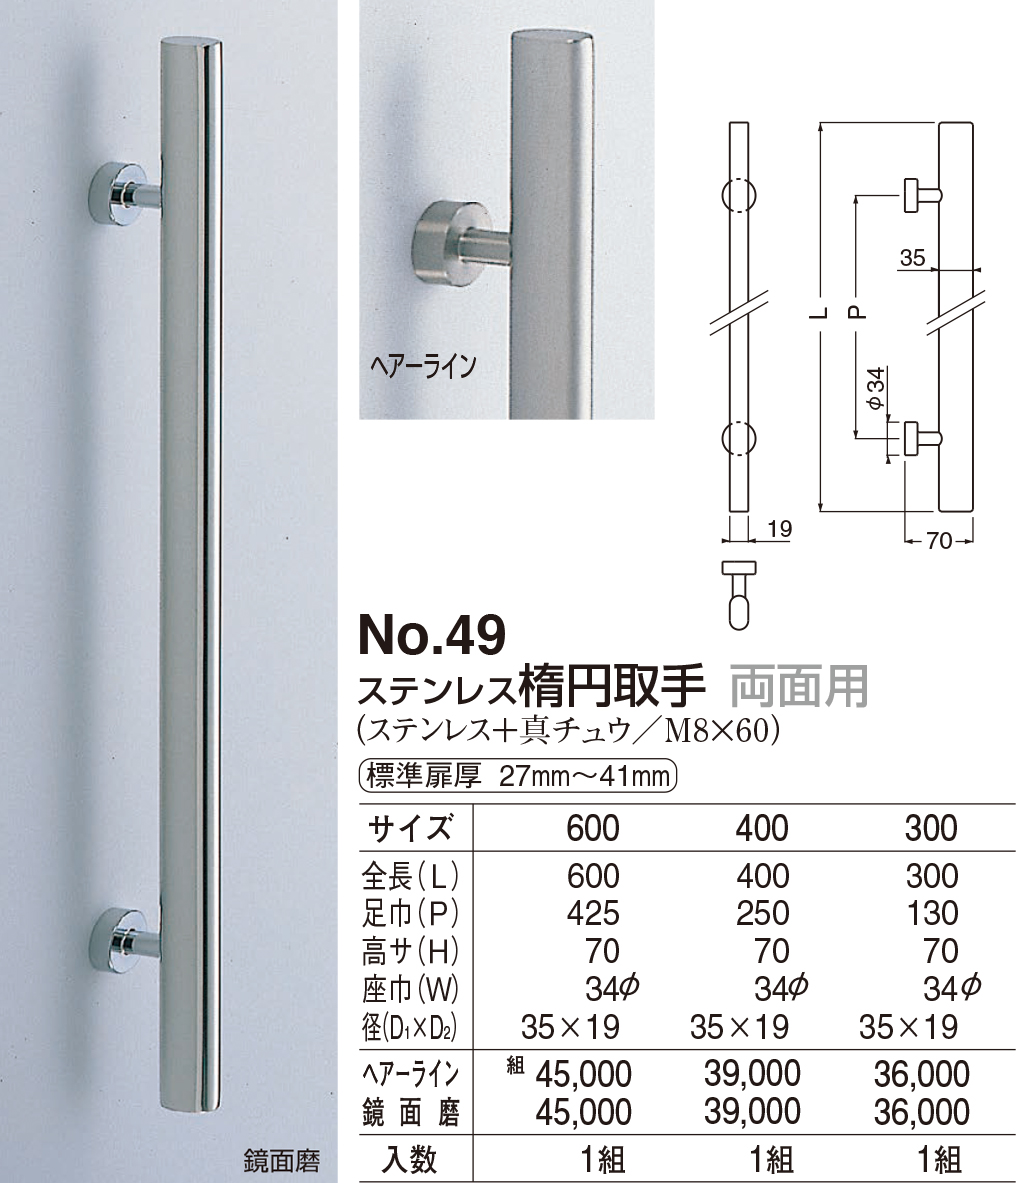 【シロクマ】ステン楕円取手 両面用 No.49 300mm 鏡面磨